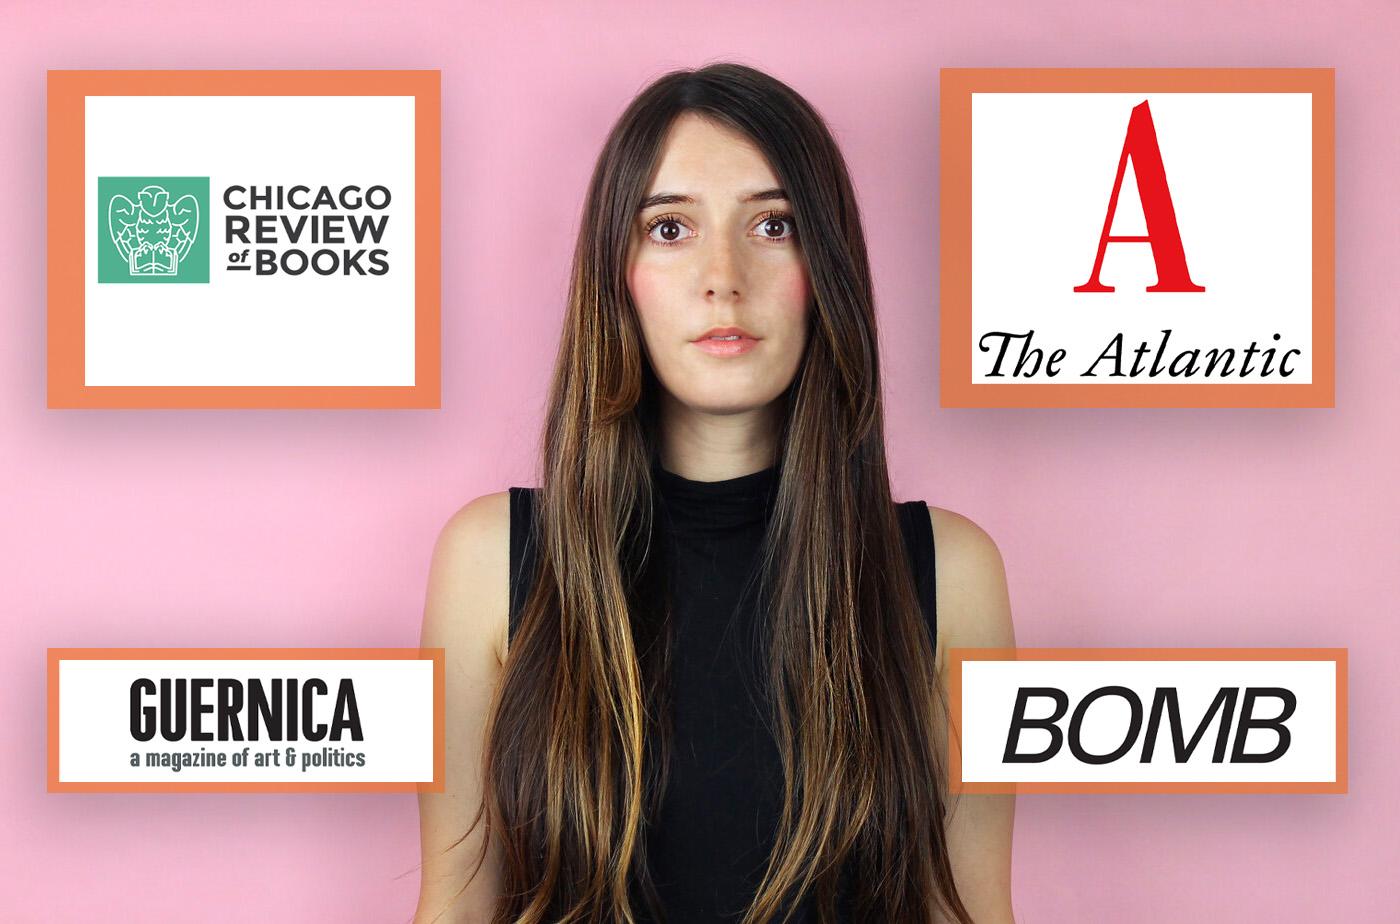 Catapult online classes: Jenessa Abrams, 4-Week Online Nonfiction Workshop: Book Reviewing Through a Social & Political Lens, Nonfiction, Workshop